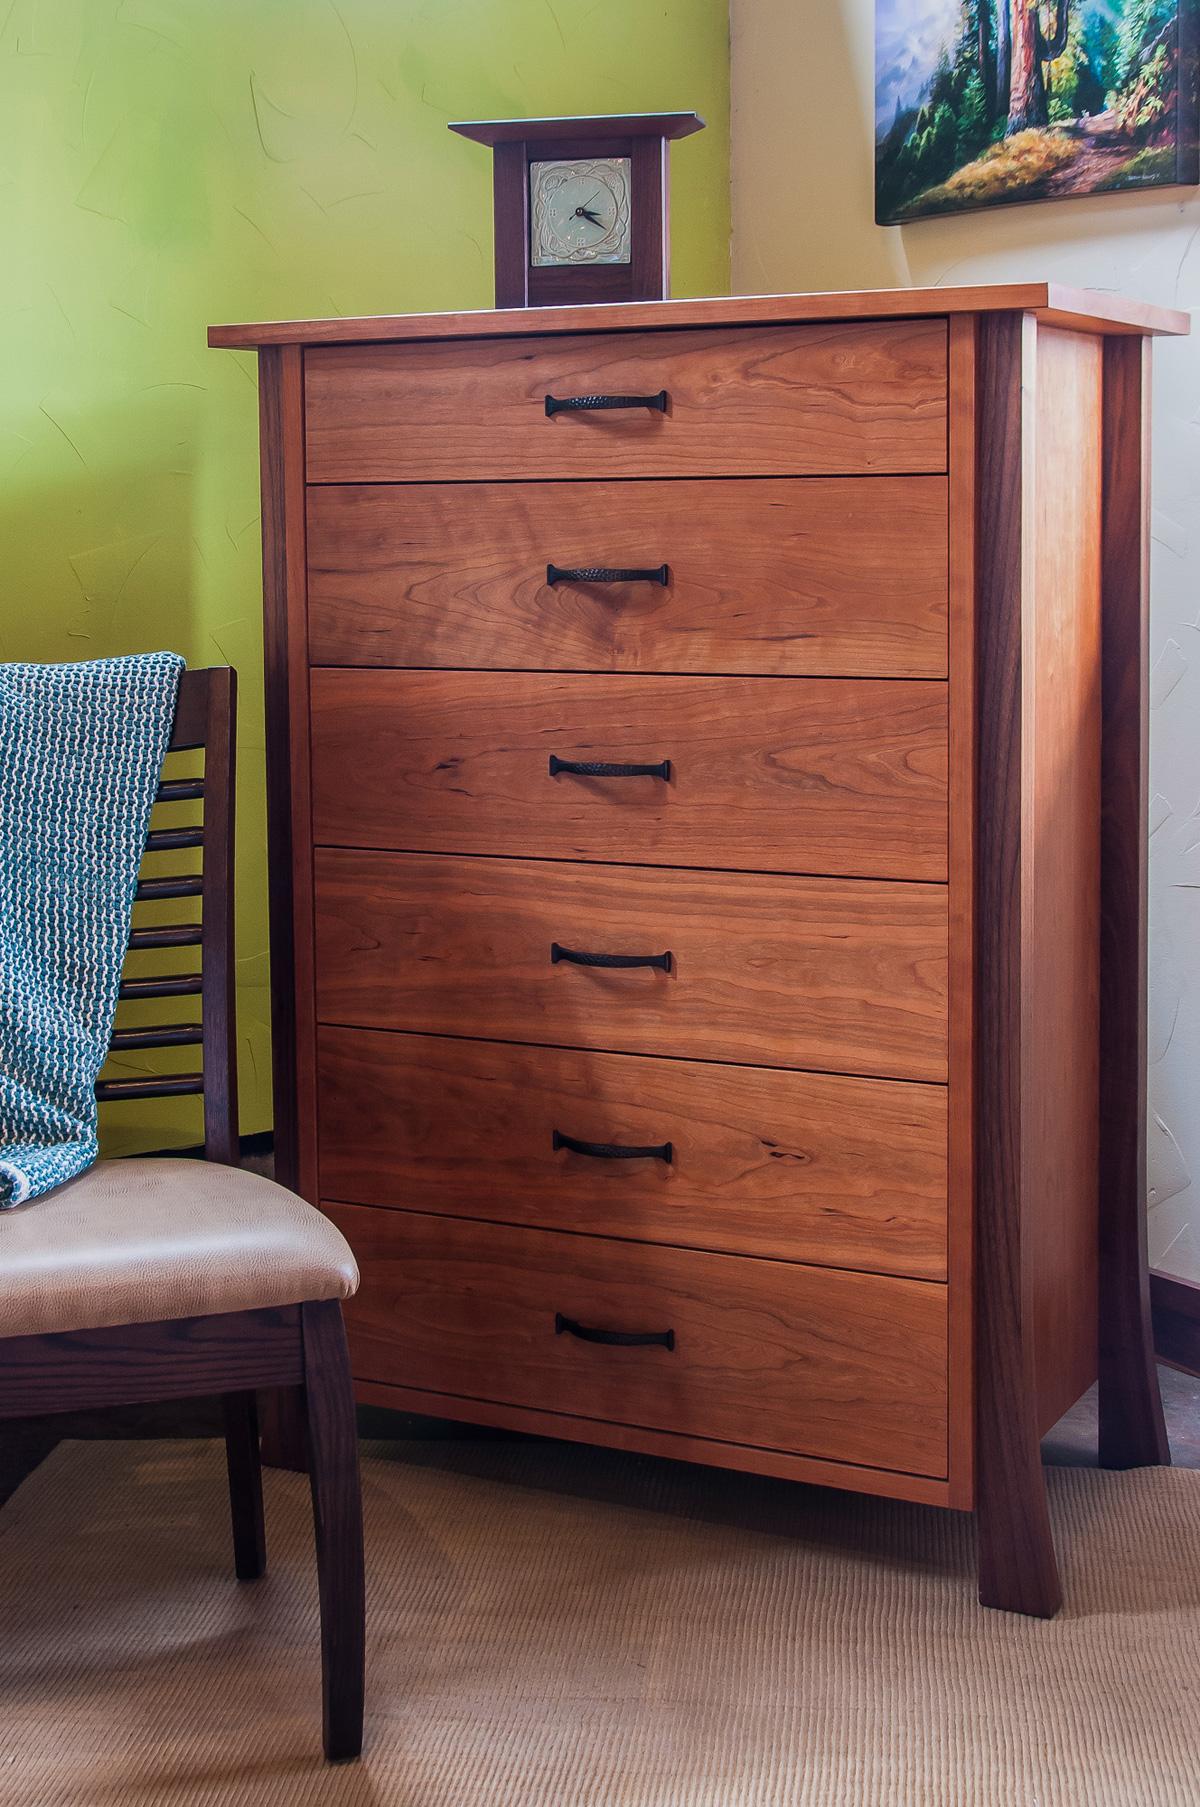 Cherry six drawer dresser with walnut legs.